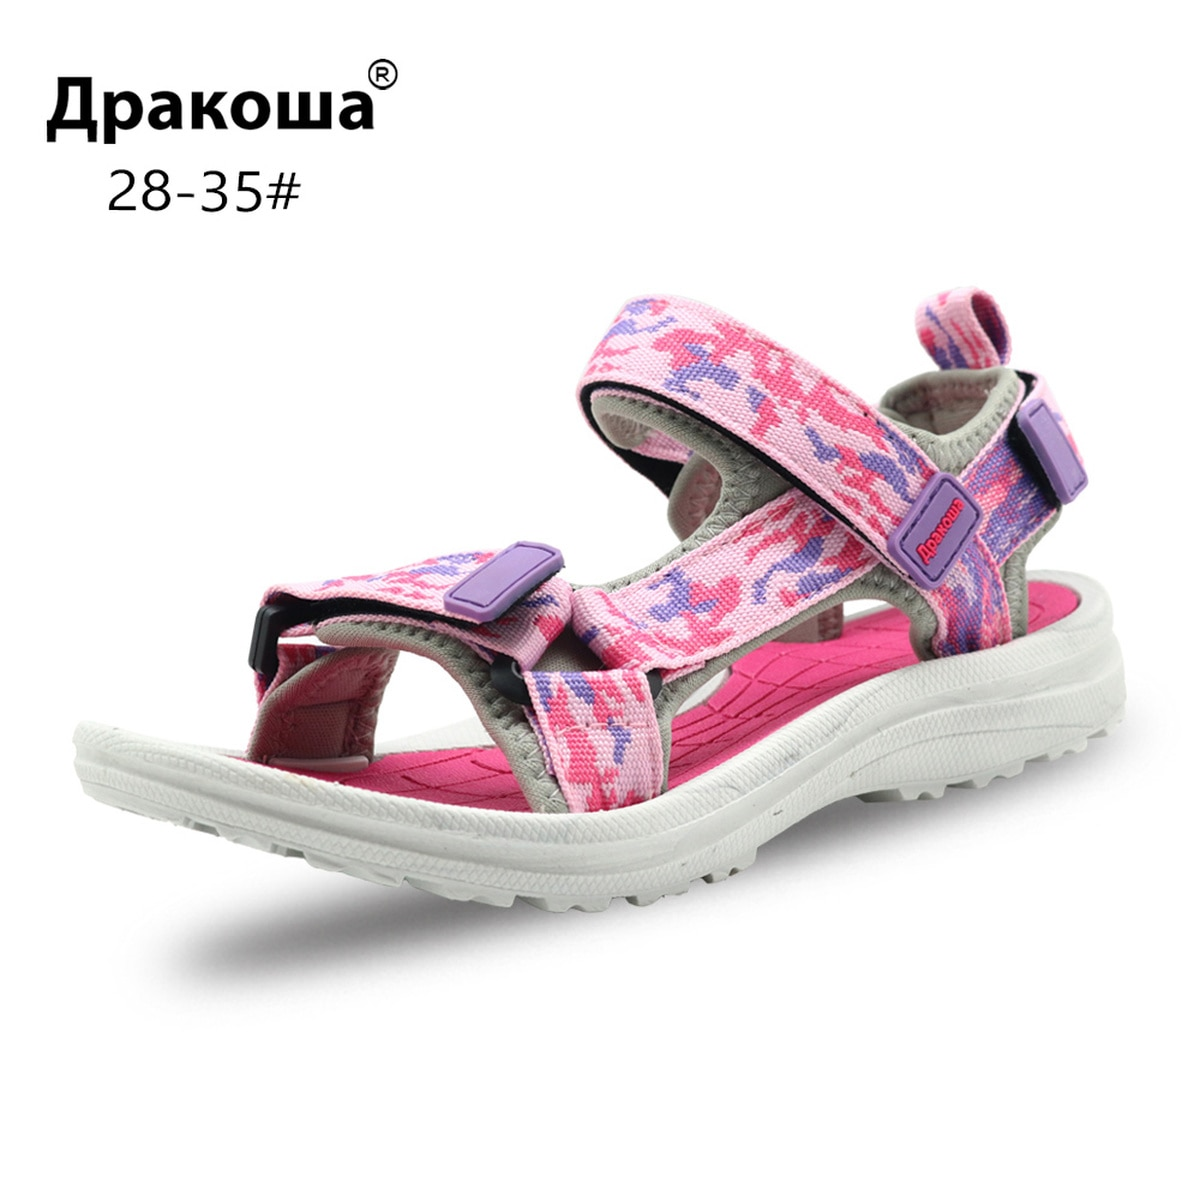 Sandalias de verano Apakowa, sandalias de Punta abierta Tacón de Cuña para niña, sandalias de secado rápido con gancho y bucle para niños pequeños, sandalias de playa para niños